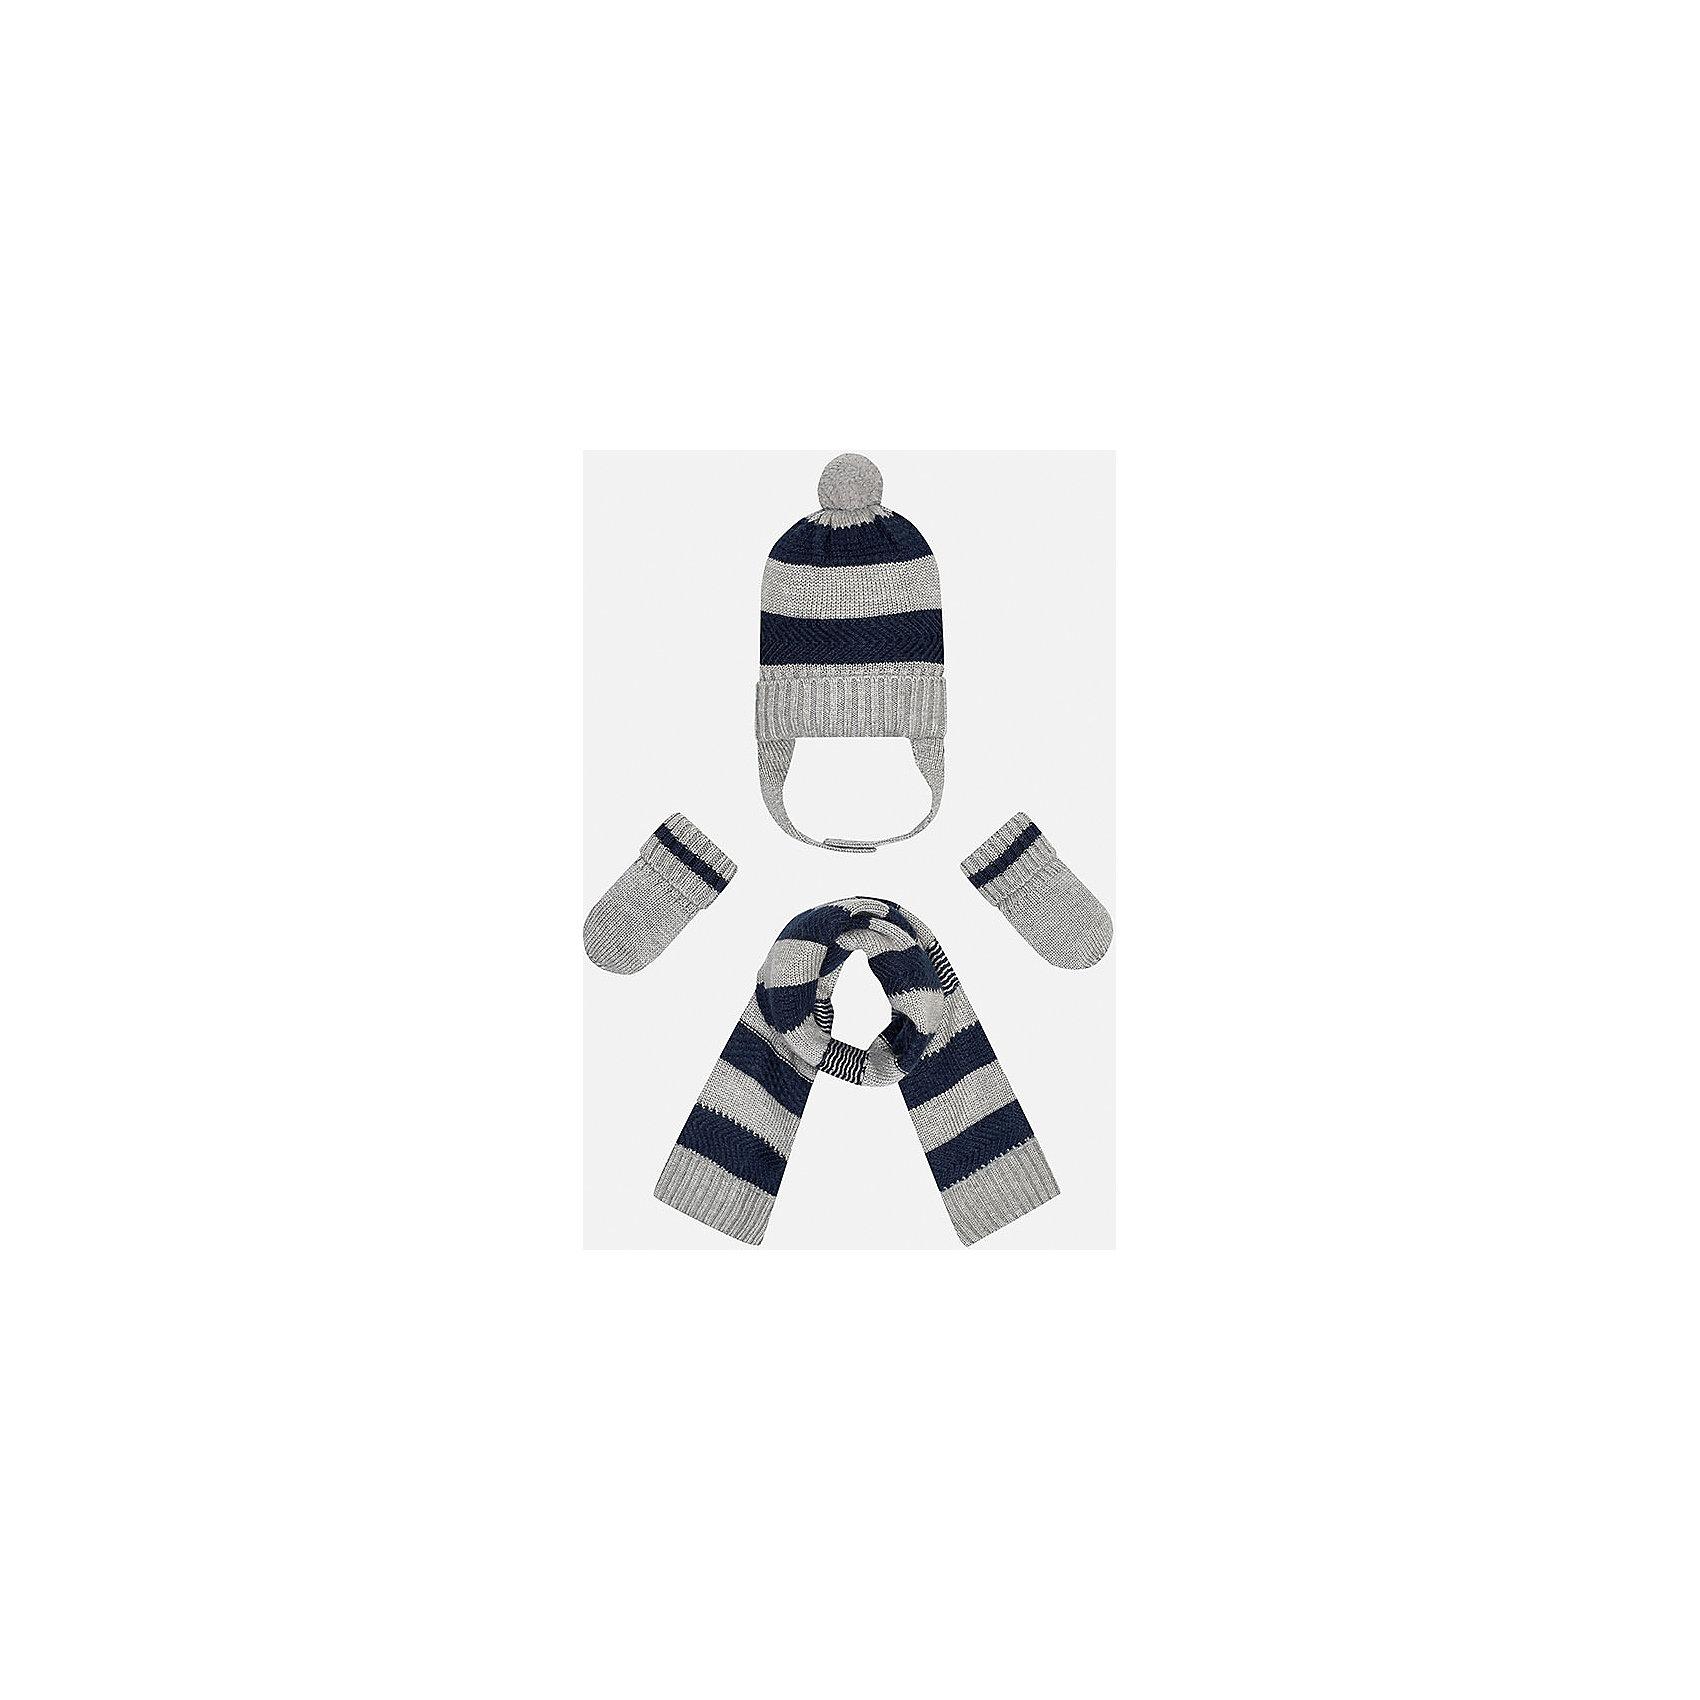 Комплект: шапка-шарф для мальчика MayoralКомплект из шапки, шарфа и варежек для мальчика от популярного испанского бренда Mayoral(майорал). Изделия сделаны из качественных материалов, хорошо сохраняющих тепло. Имеет расцветку в полоску, у шапки есть помпон и завязки. В этом комплекте ребенку будет тепло и комфортно!<br><br>Дополнительная информация:<br>Состав. Шапка: 45% акрил, 30% вискоза, 15% полиамид, 10% шерсть. Шарф: 45% акрил, 30% вискоза, 15% полиамид, 10% шерсть. Варежки: 45% акрил, 30% вискоза, 15% полиамид, 10% шерсть<br>Цвет: серый/темно-синий<br>Комплект из шапки, шарфа и варежек Mayoral(Майорал) можно приобрести в нашем интернет-магазине.<br><br>Ширина мм: 89<br>Глубина мм: 117<br>Высота мм: 44<br>Вес г: 155<br>Цвет: синий<br>Возраст от месяцев: 6<br>Возраст до месяцев: 9<br>Пол: Мужской<br>Возраст: Детский<br>Размер: 46,48<br>SKU: 4820066